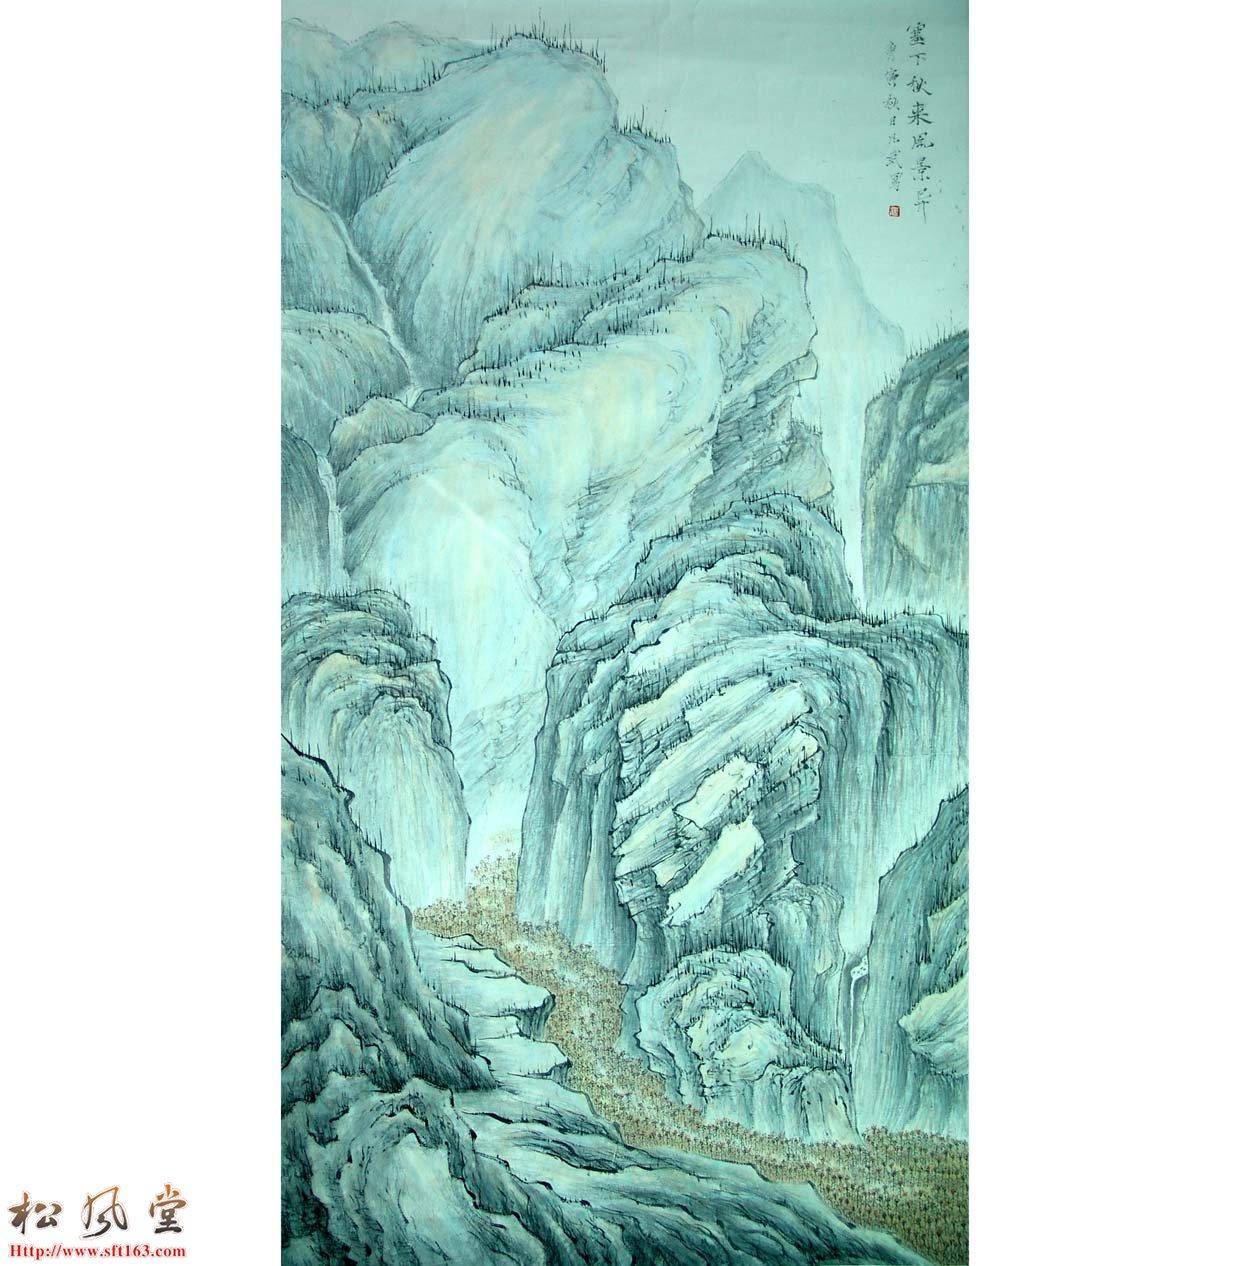 蓝凡武展览国画作品2